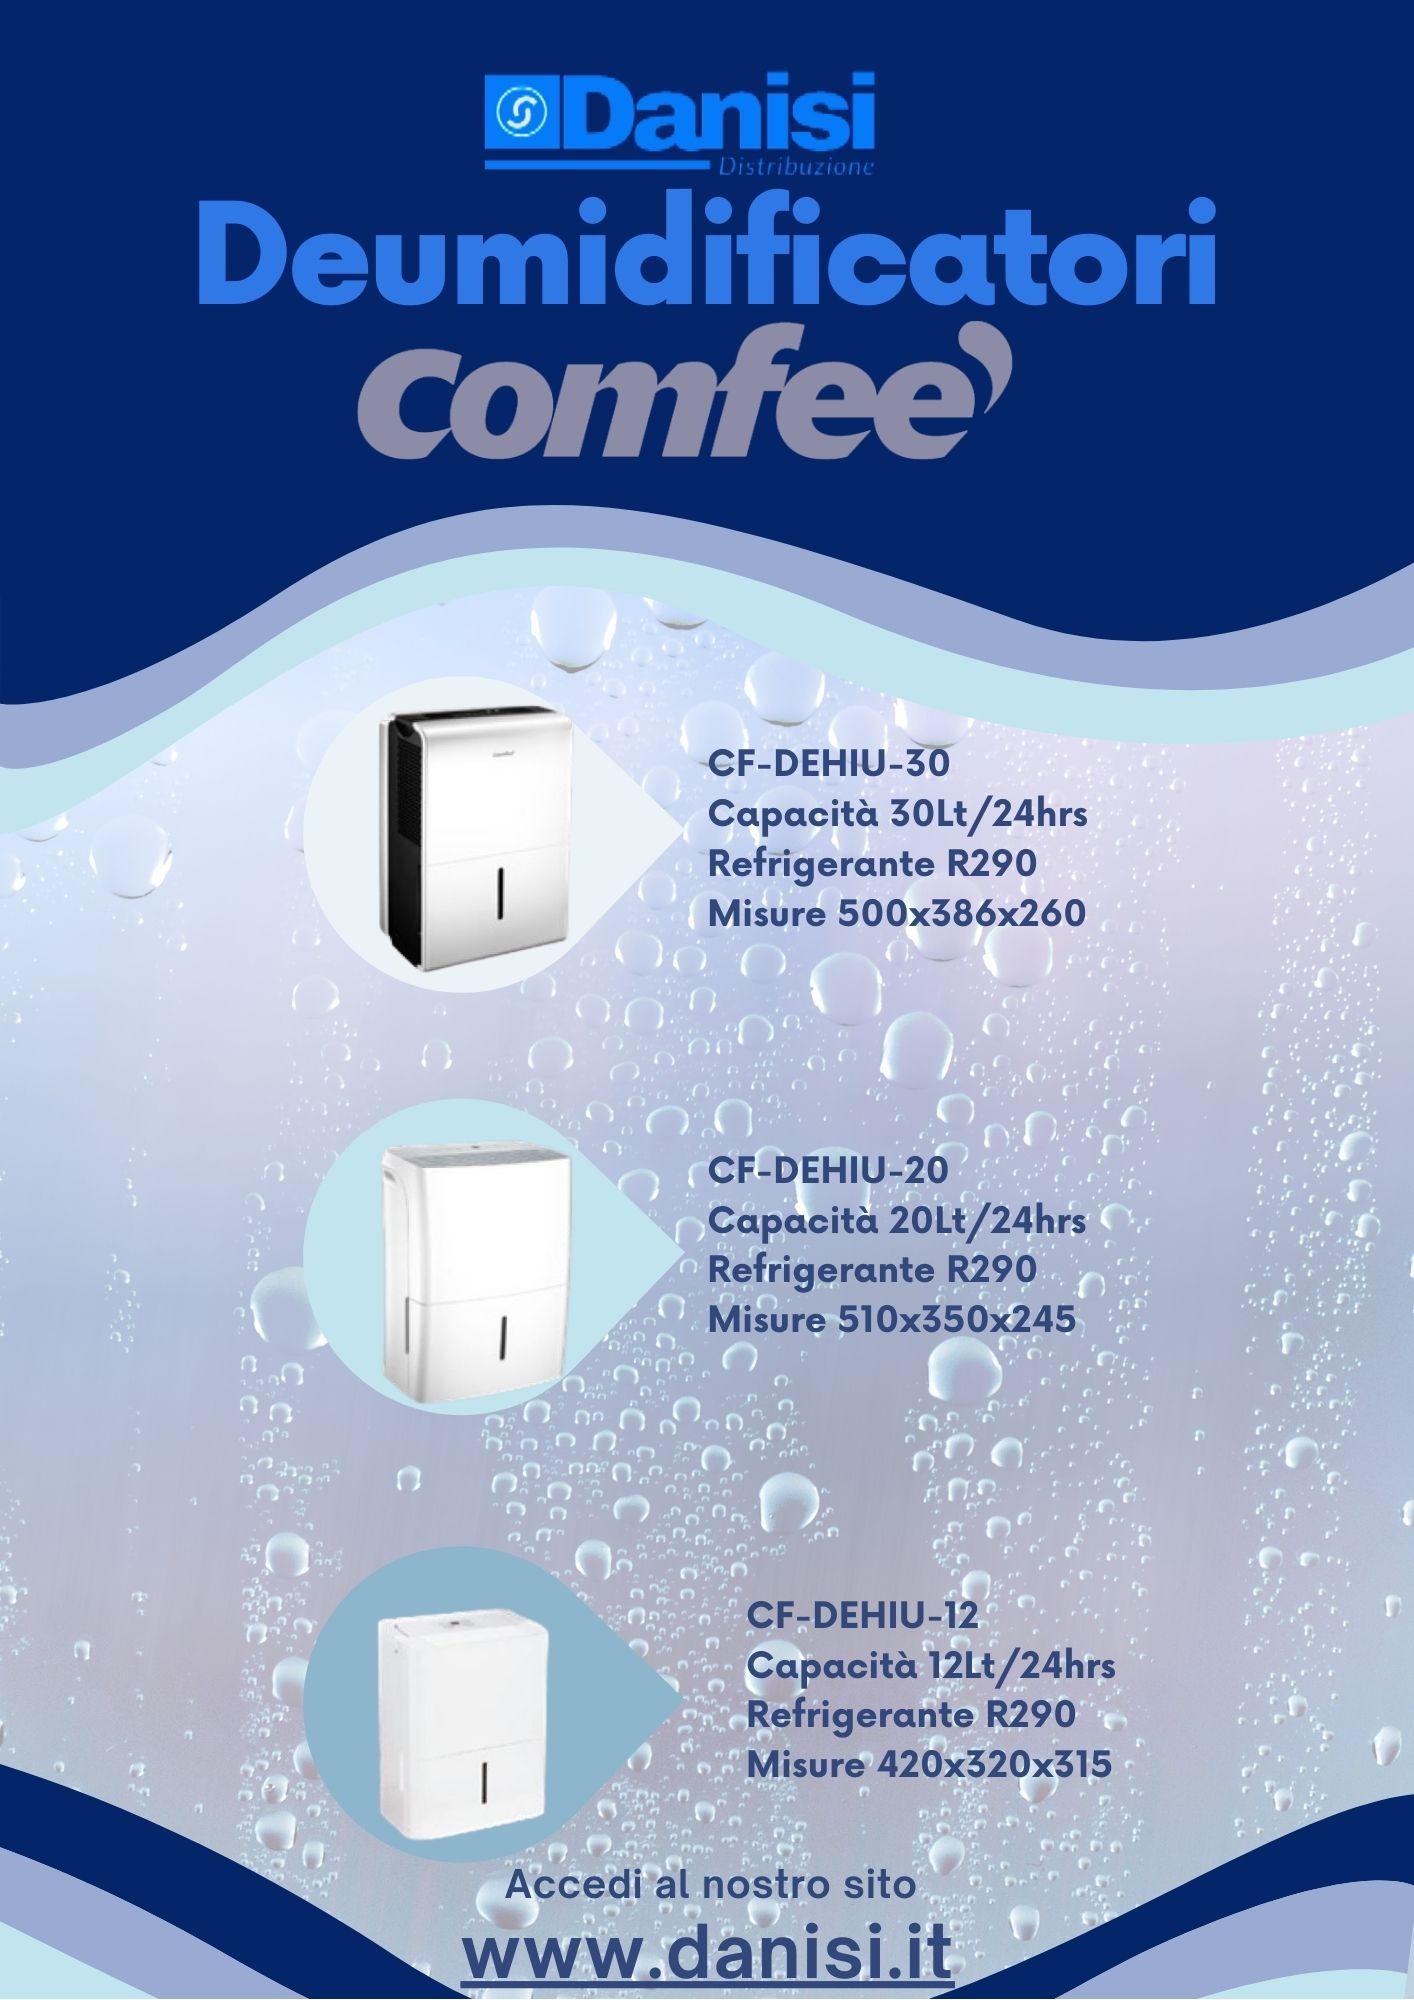 newsletterdeumidificatori-1607505485.jpg